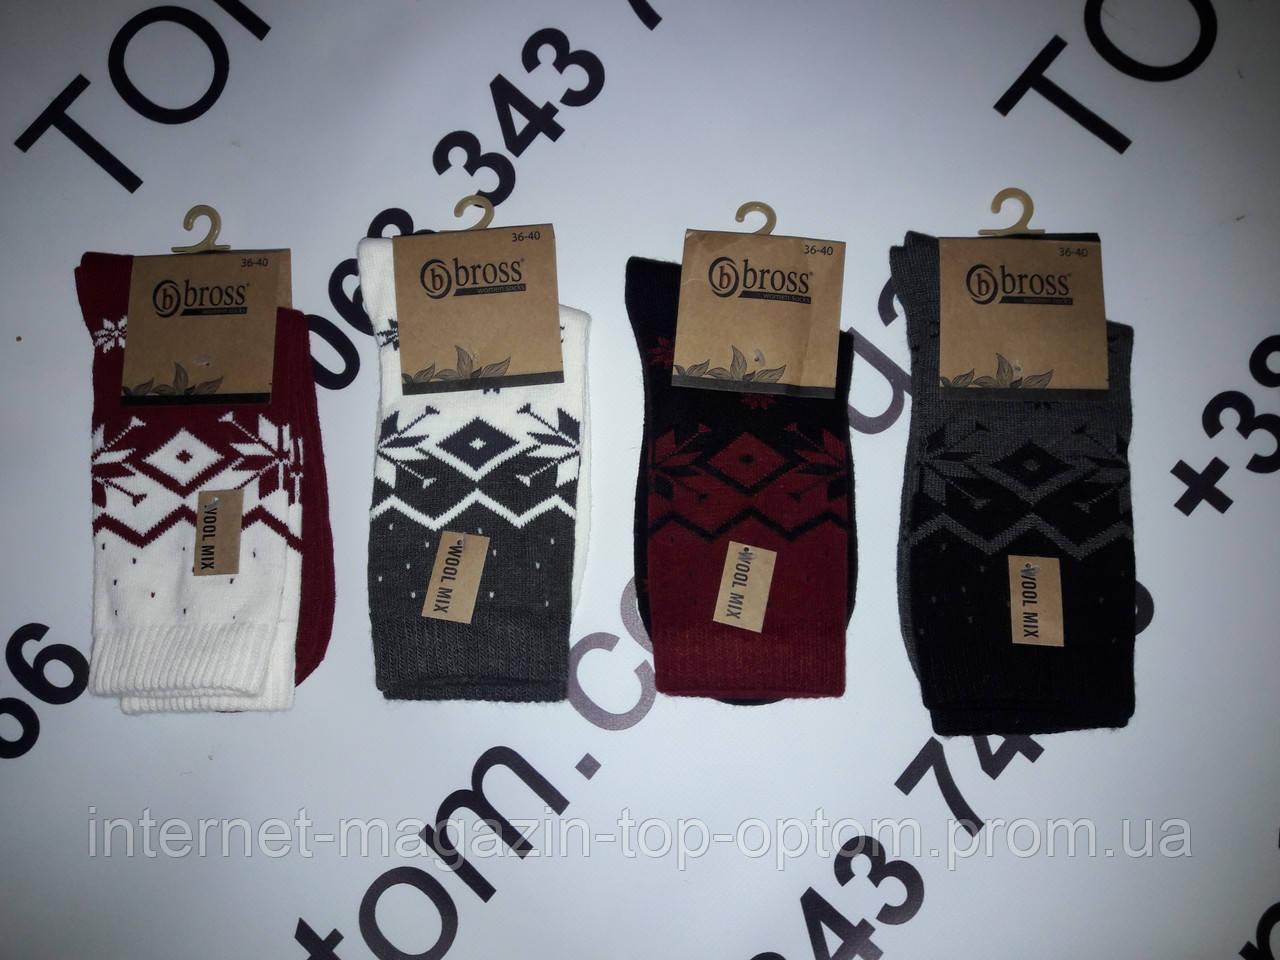 Шкарпетки жіночі новорічні, шерстяні Bross опт